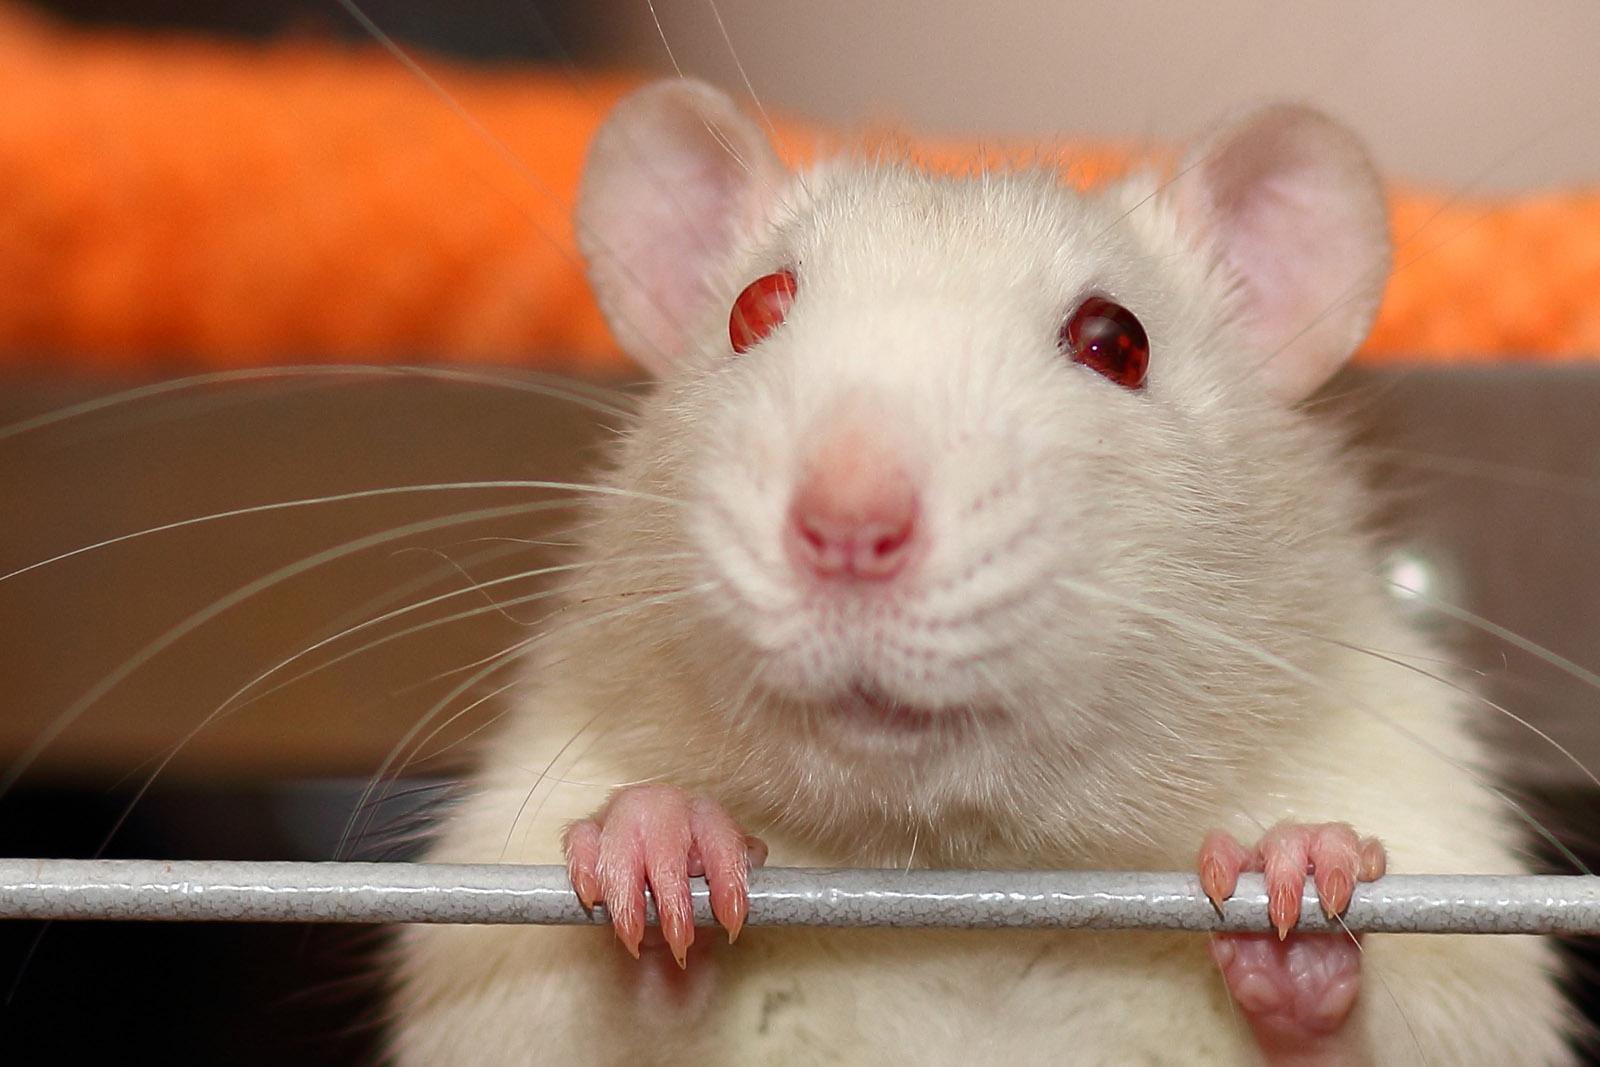 PETA empfiehlt auch weiterhin Produkte von The Body Shop zu kaufen